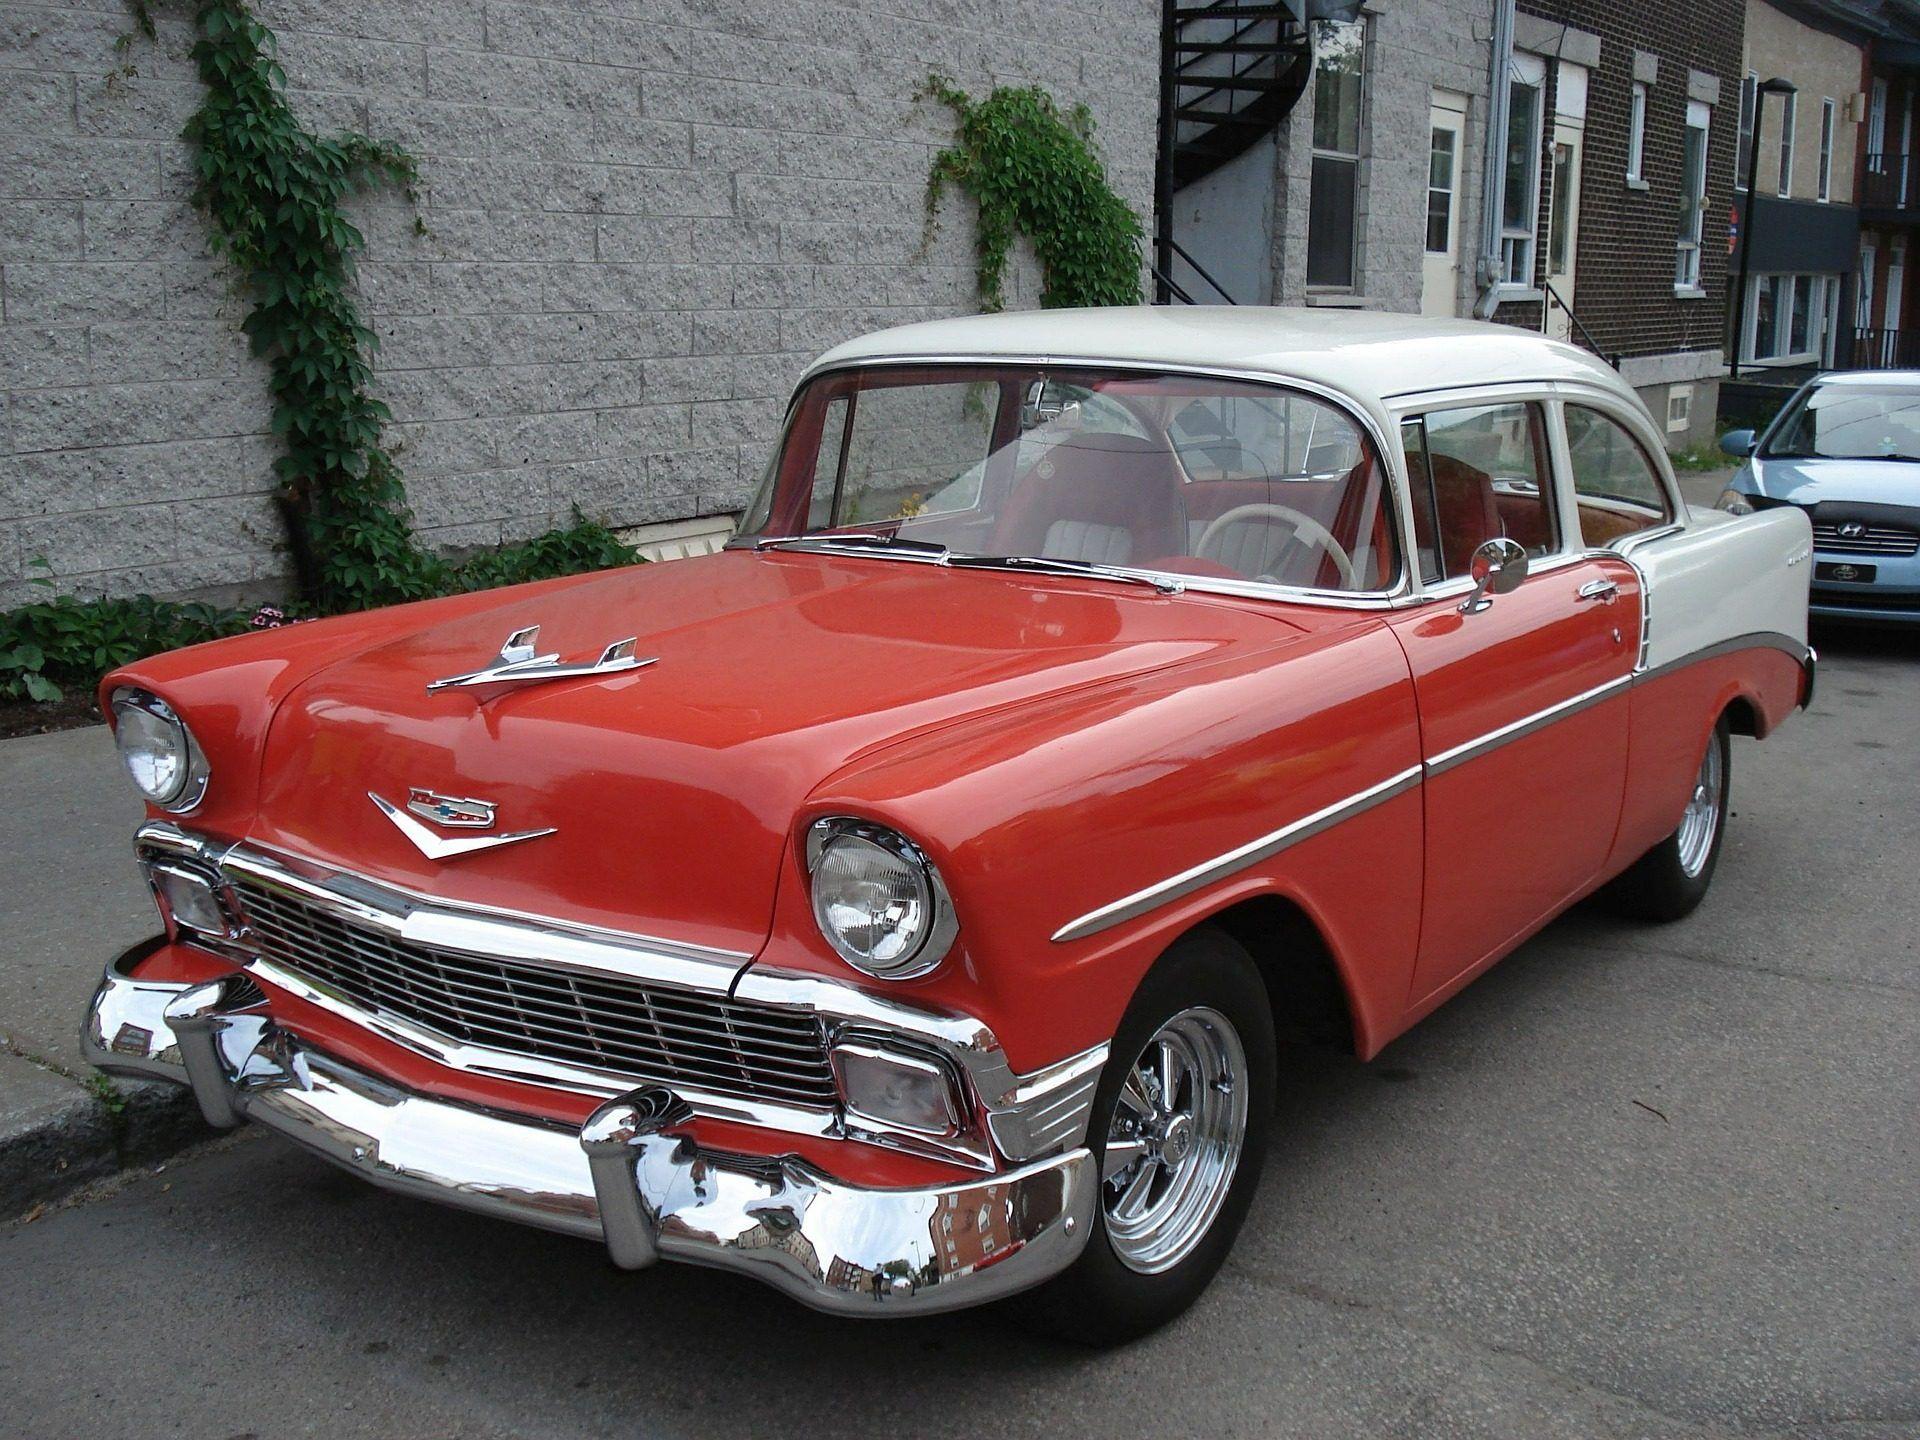 Coche, Antiguo, Vintage, Chevy, Bel Air, Brillo, Rojo